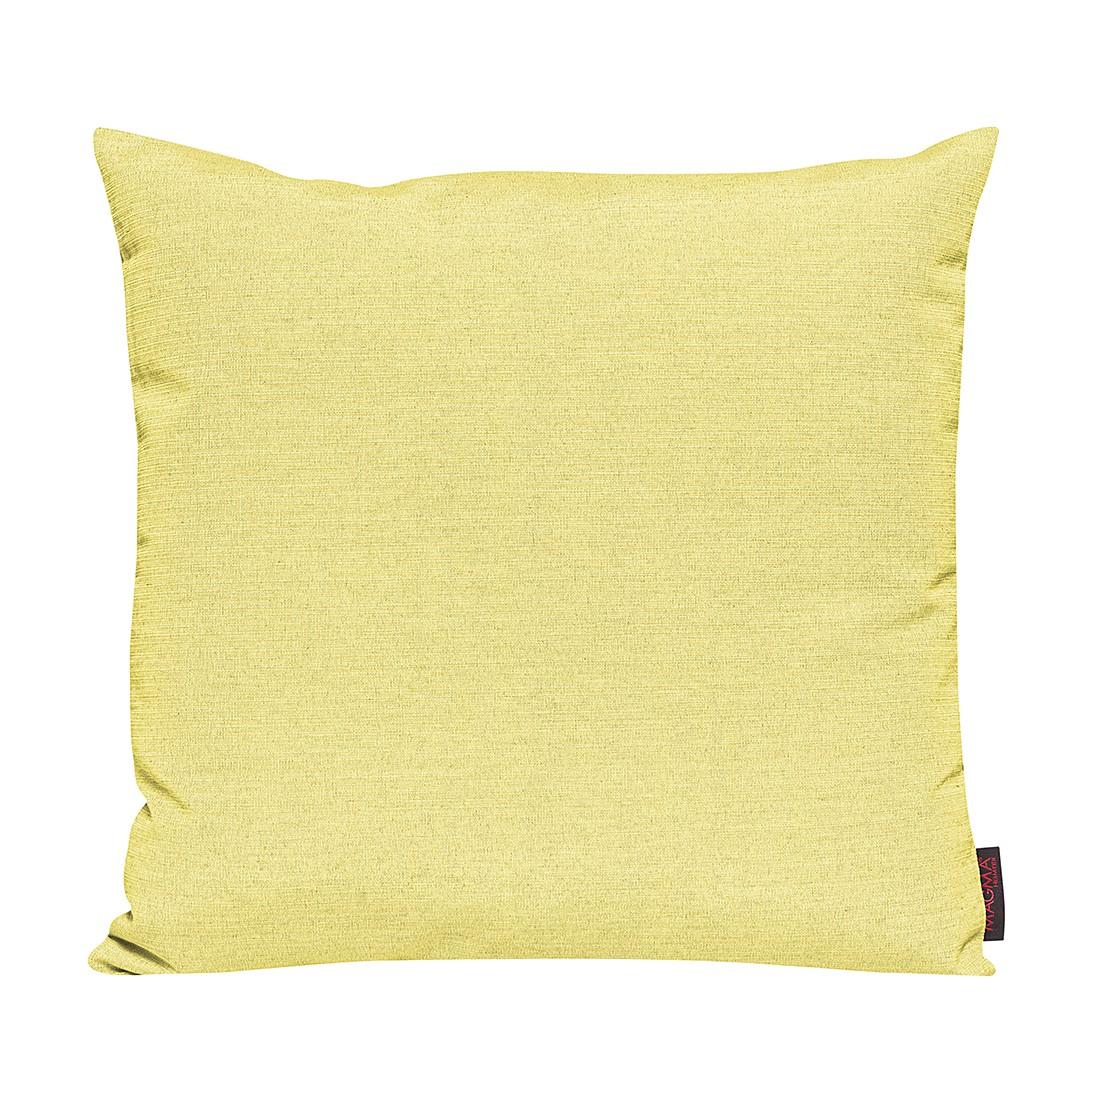 kissenh lle franca lindgr n 50 x 50 cm magma heimtex bestellen. Black Bedroom Furniture Sets. Home Design Ideas